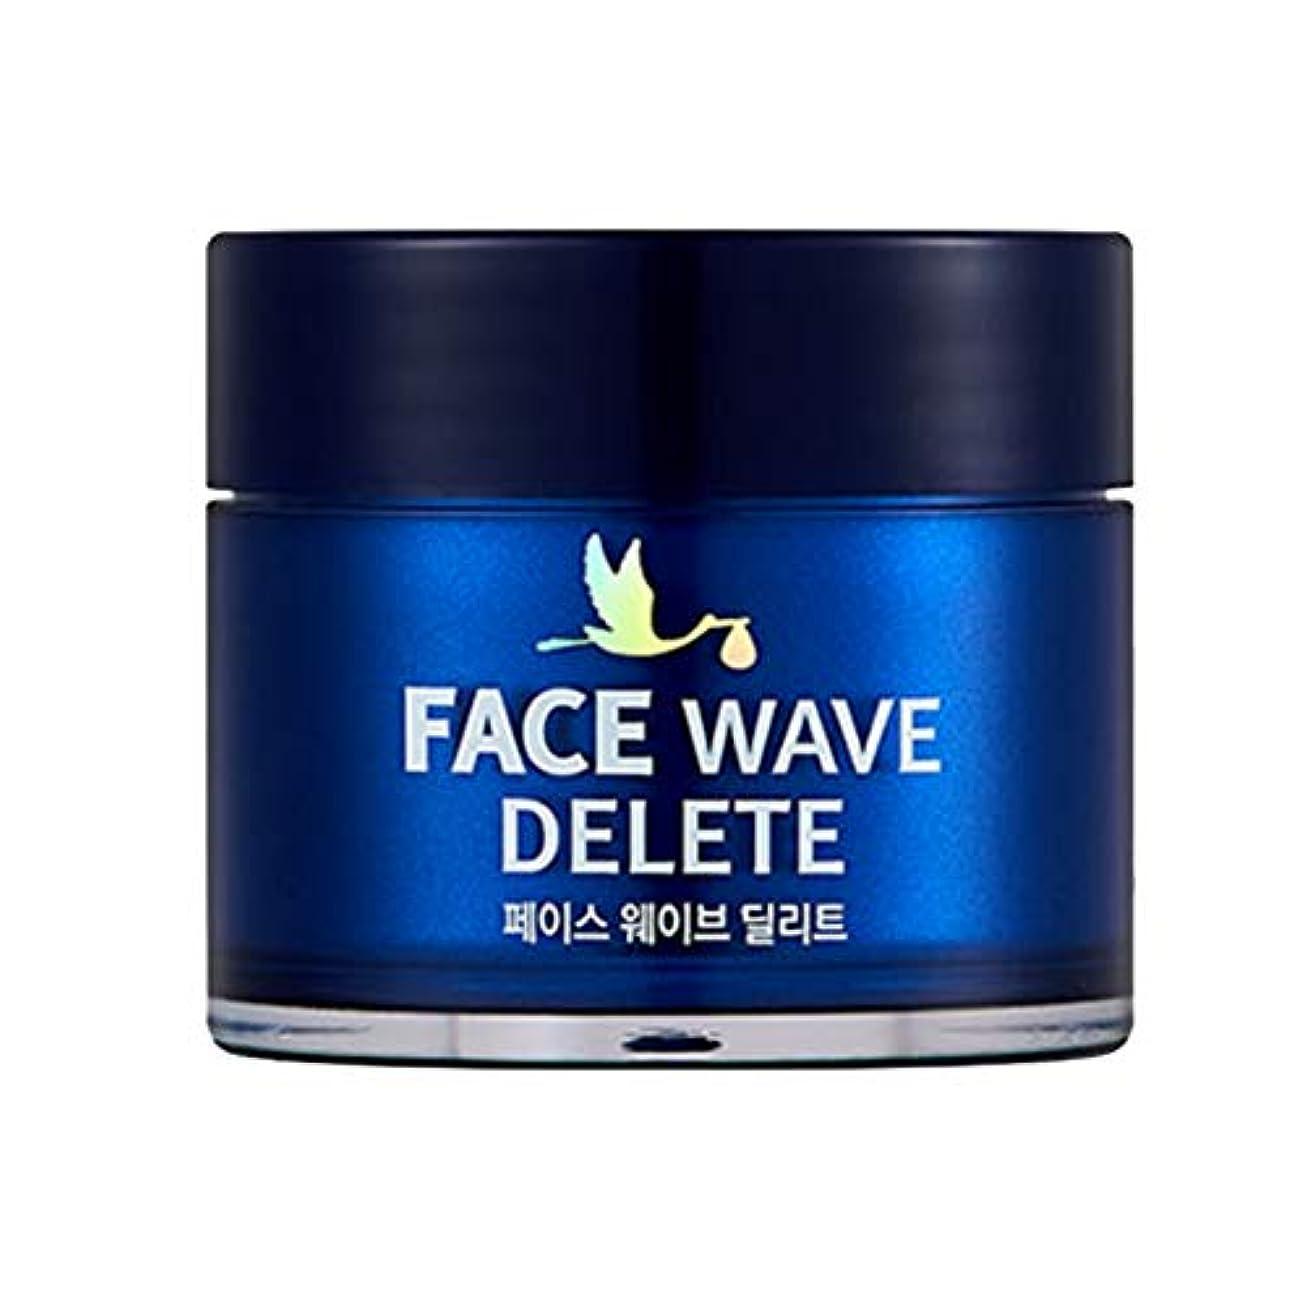 害虫洗うラビリンスbona medusa FACE WAVE DELETE しわ集中改善クリームすべての肌用30g[海外直送品]